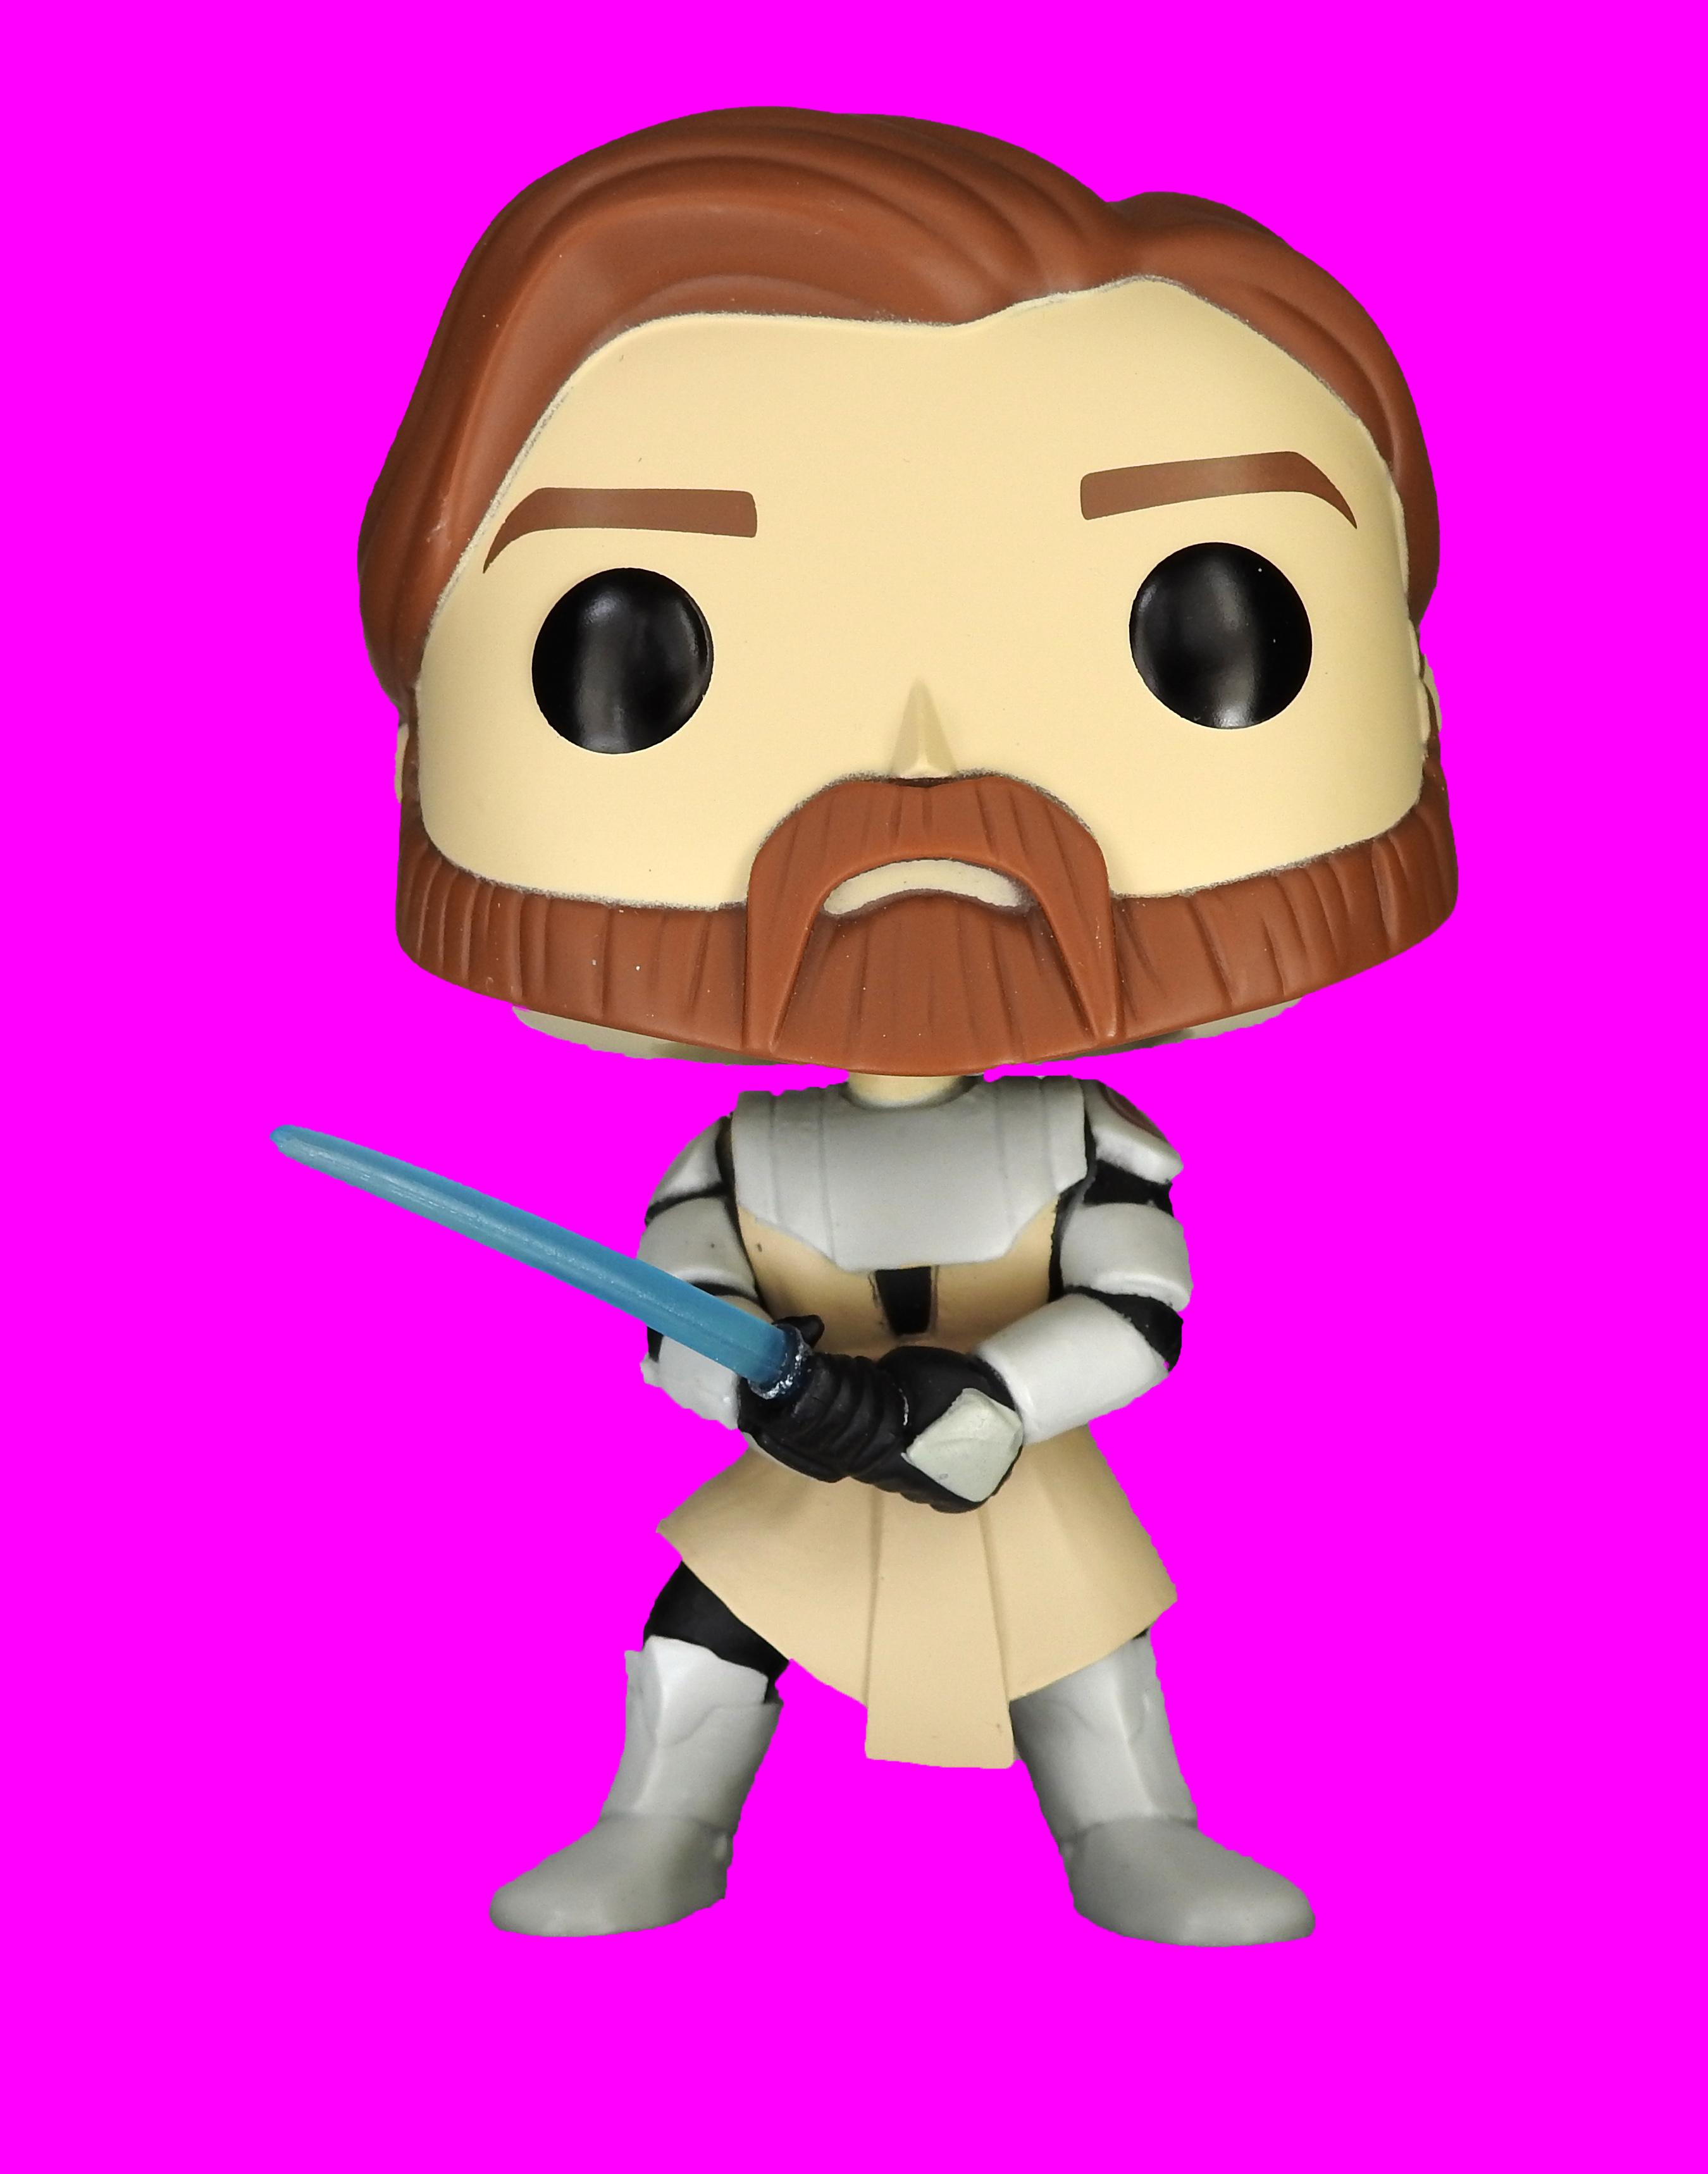 Funko Pop! Star Wars: The Clone Wars Obi Wan Kenobi Vinyl